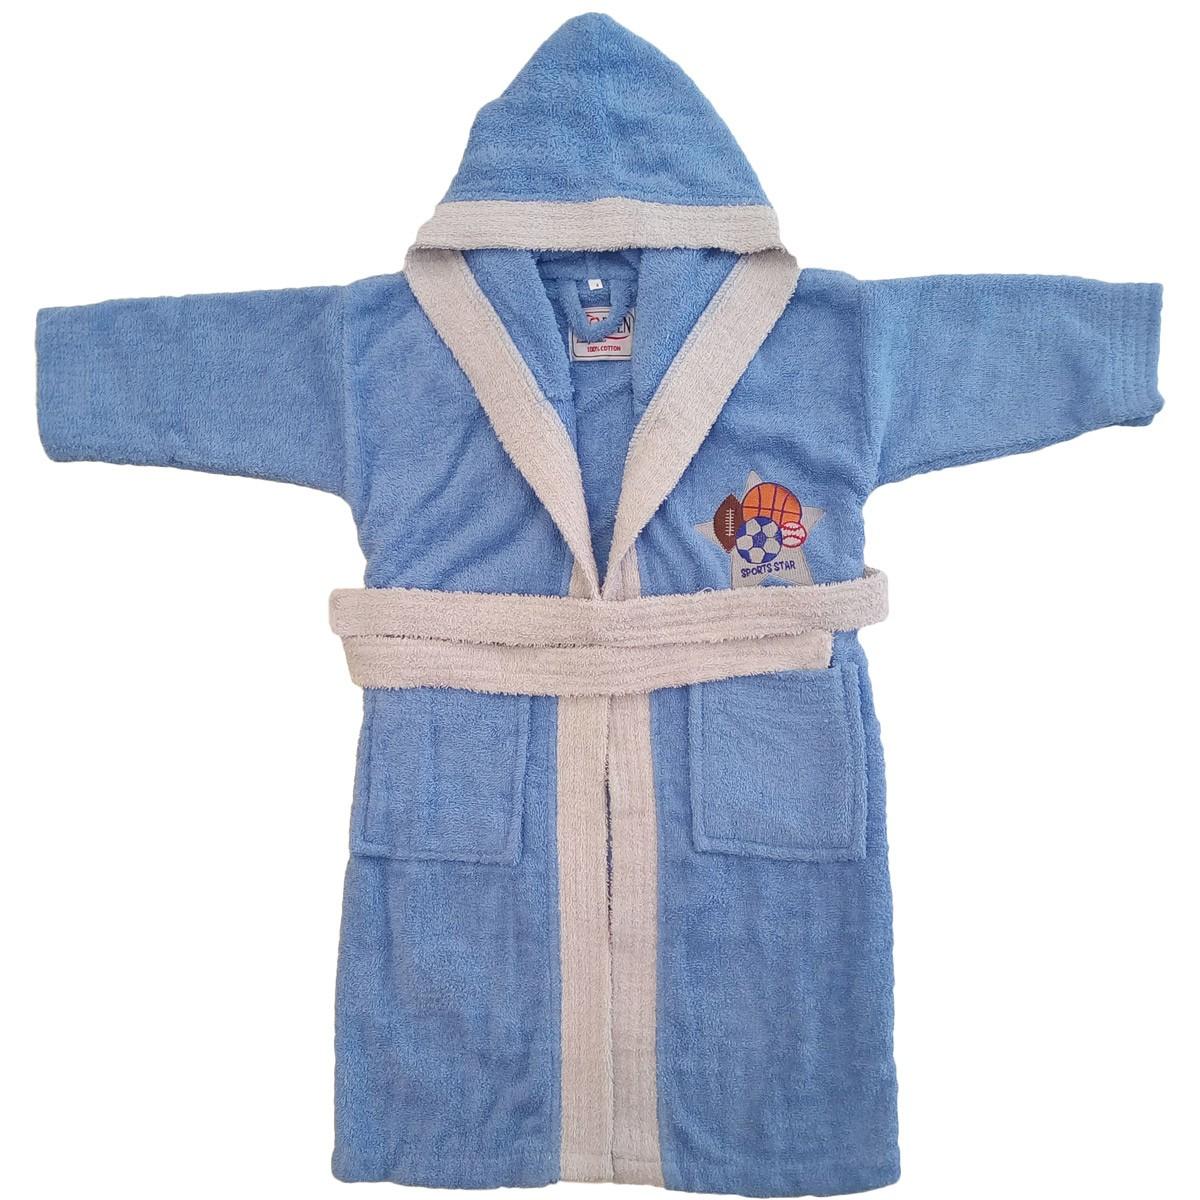 Βρεφικό Μπουρνούζι Morven Sports Blue Νο4 Νο4